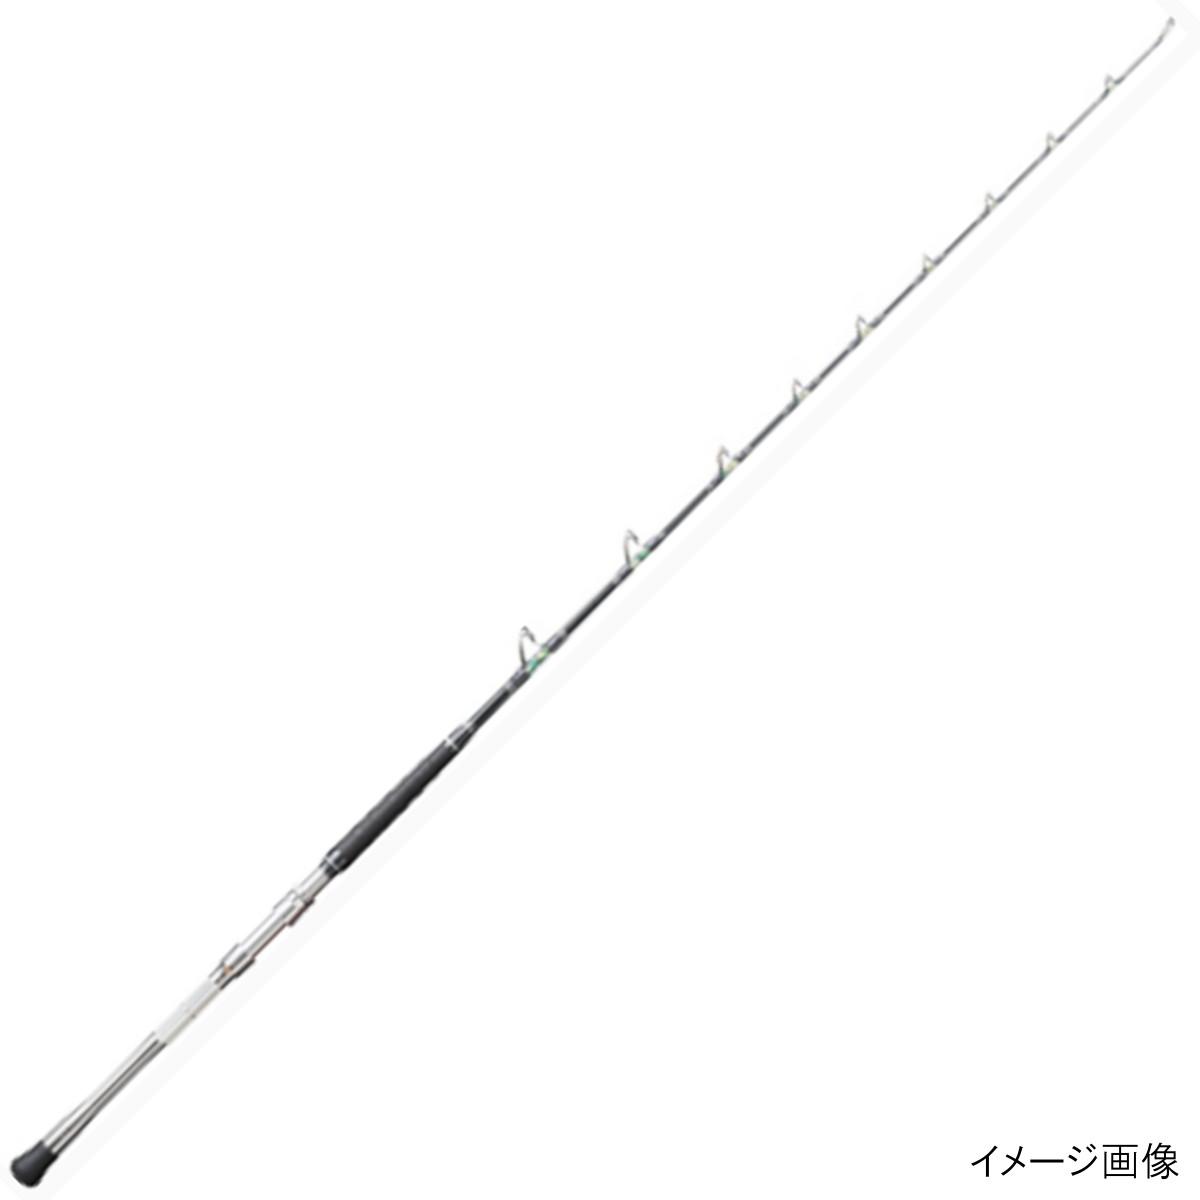 ゼニス グラシスタ アラスペシャル 200MH/B【大型商品】